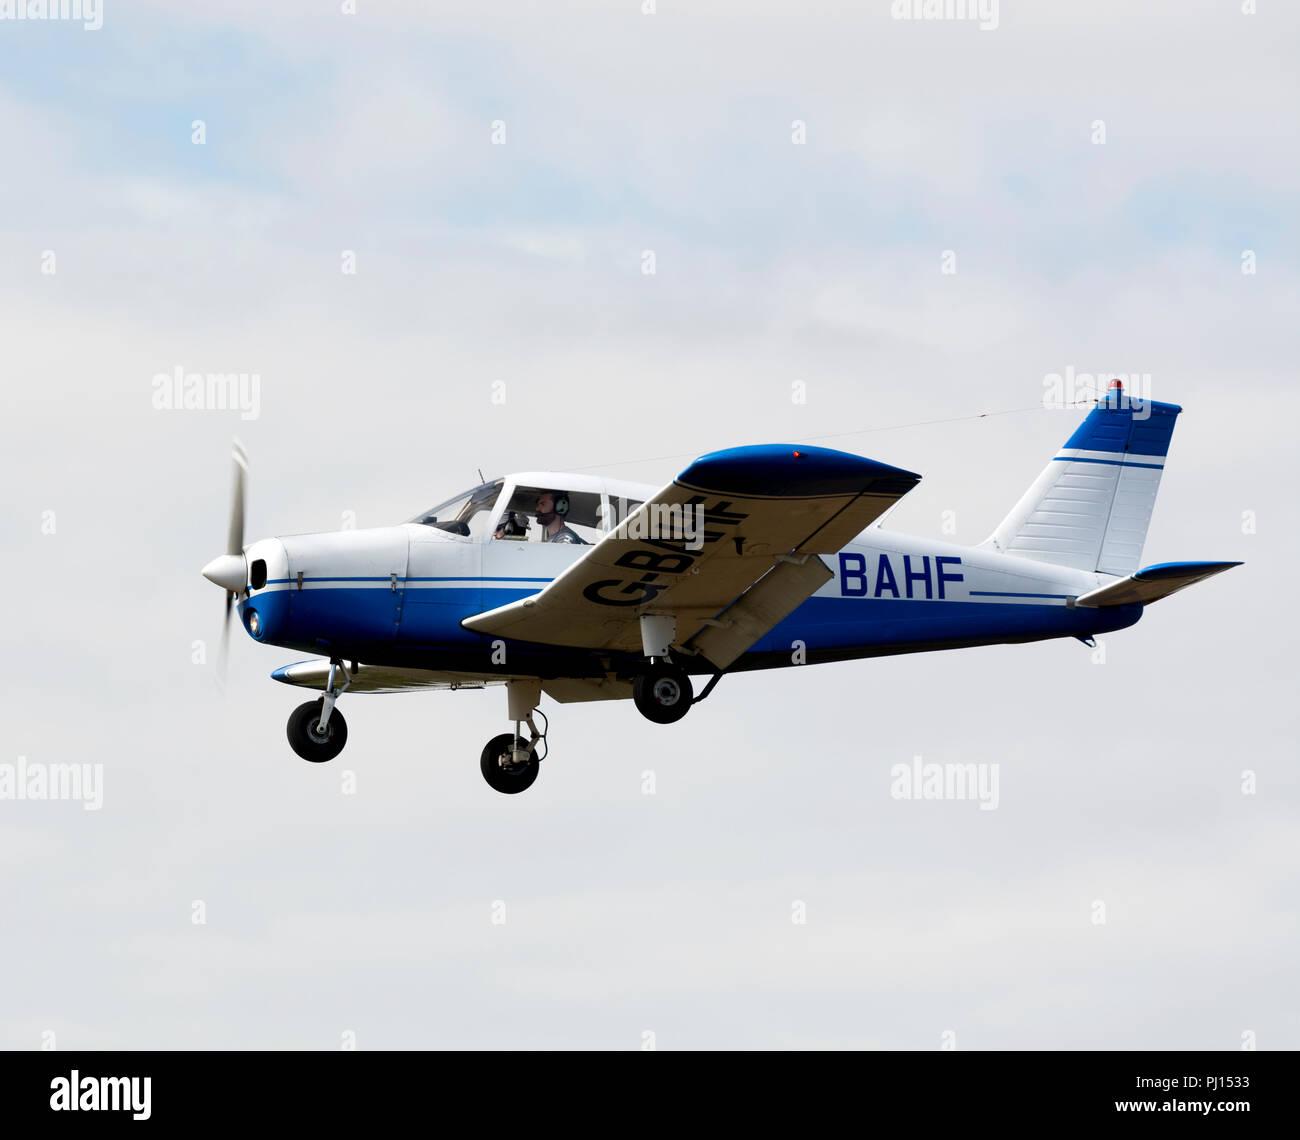 Piper PA-28-140 Cherokee Fliteliner landing at Wellesbourne Airfield